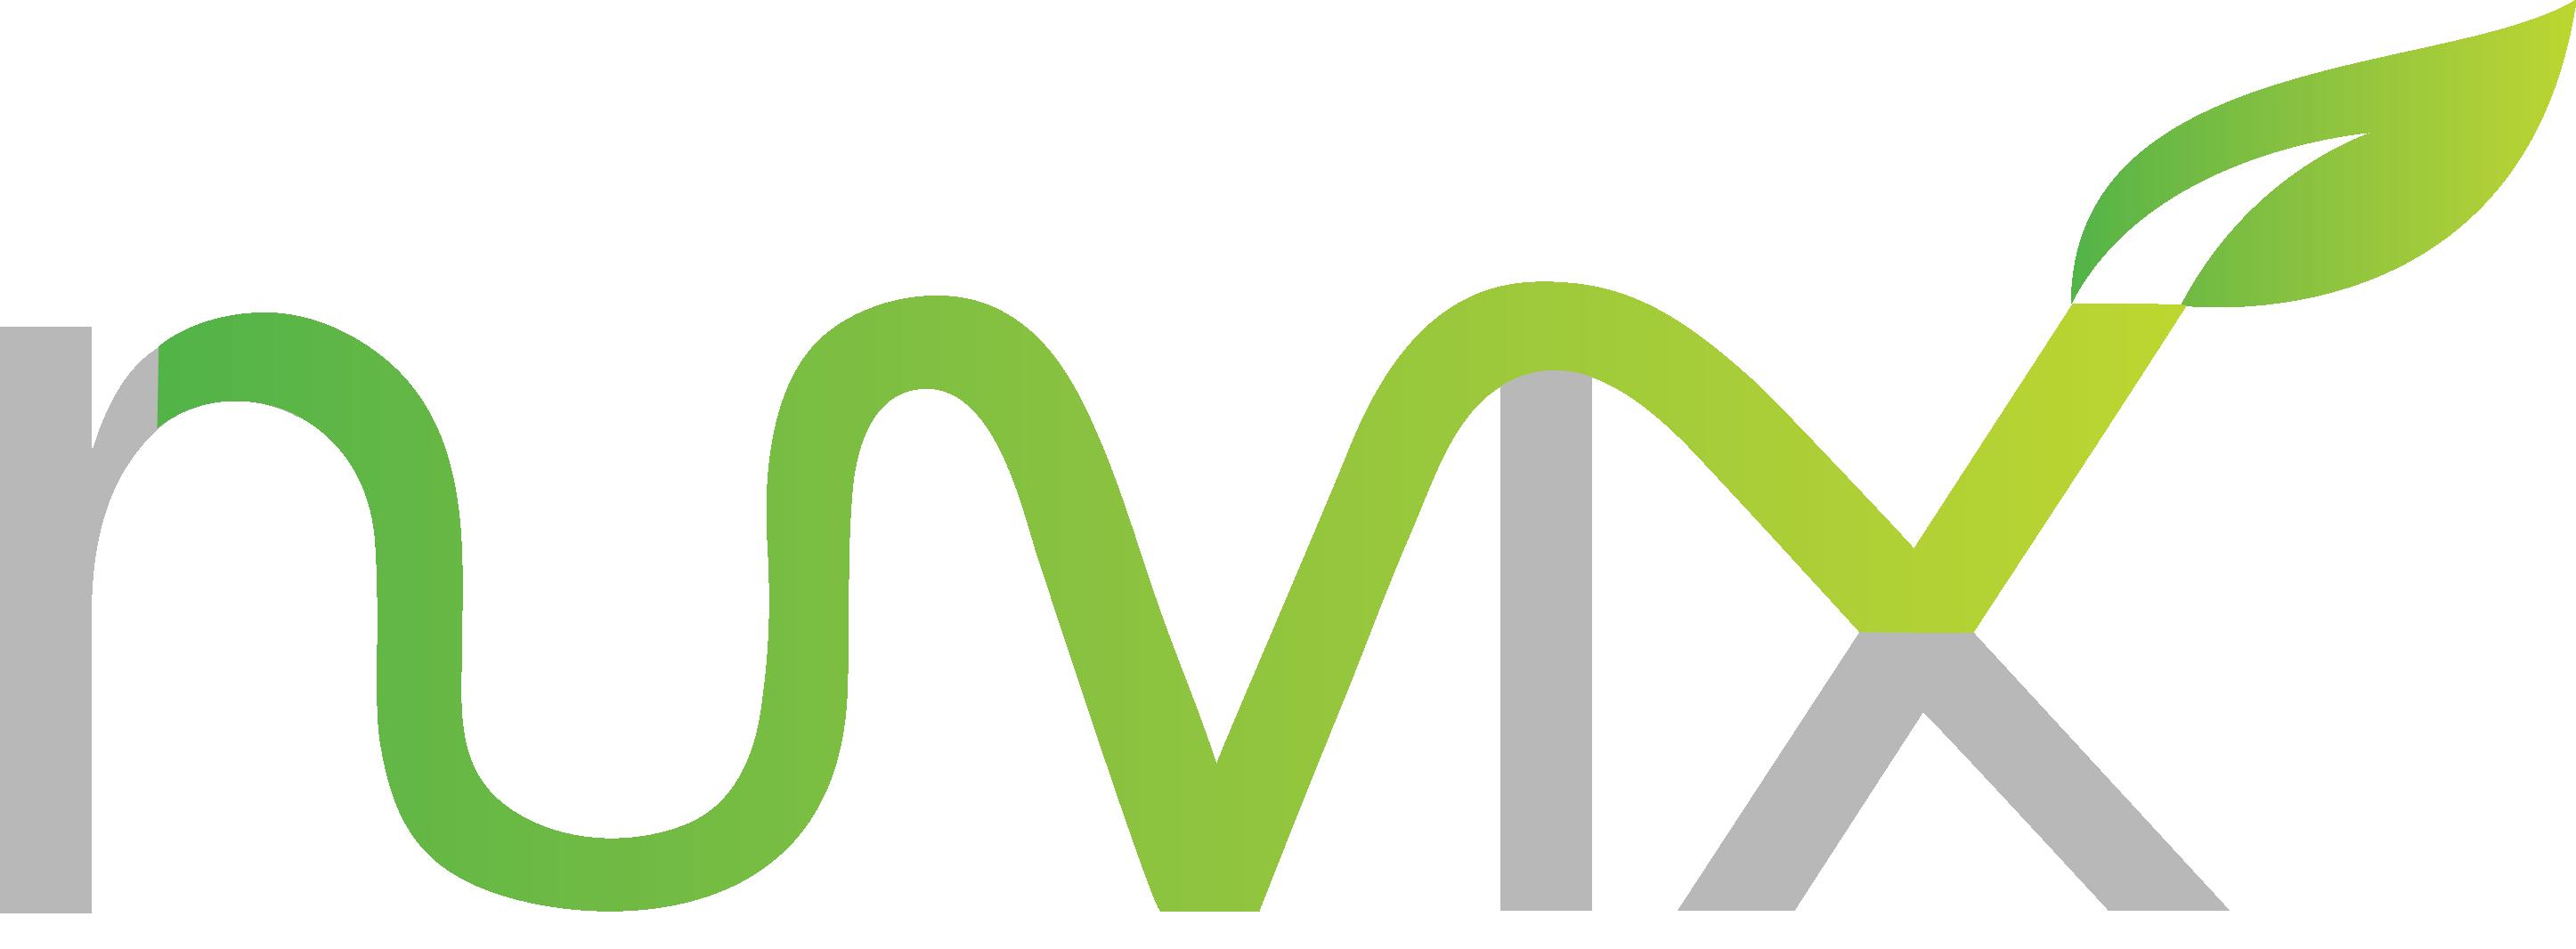 Ruvix Technology